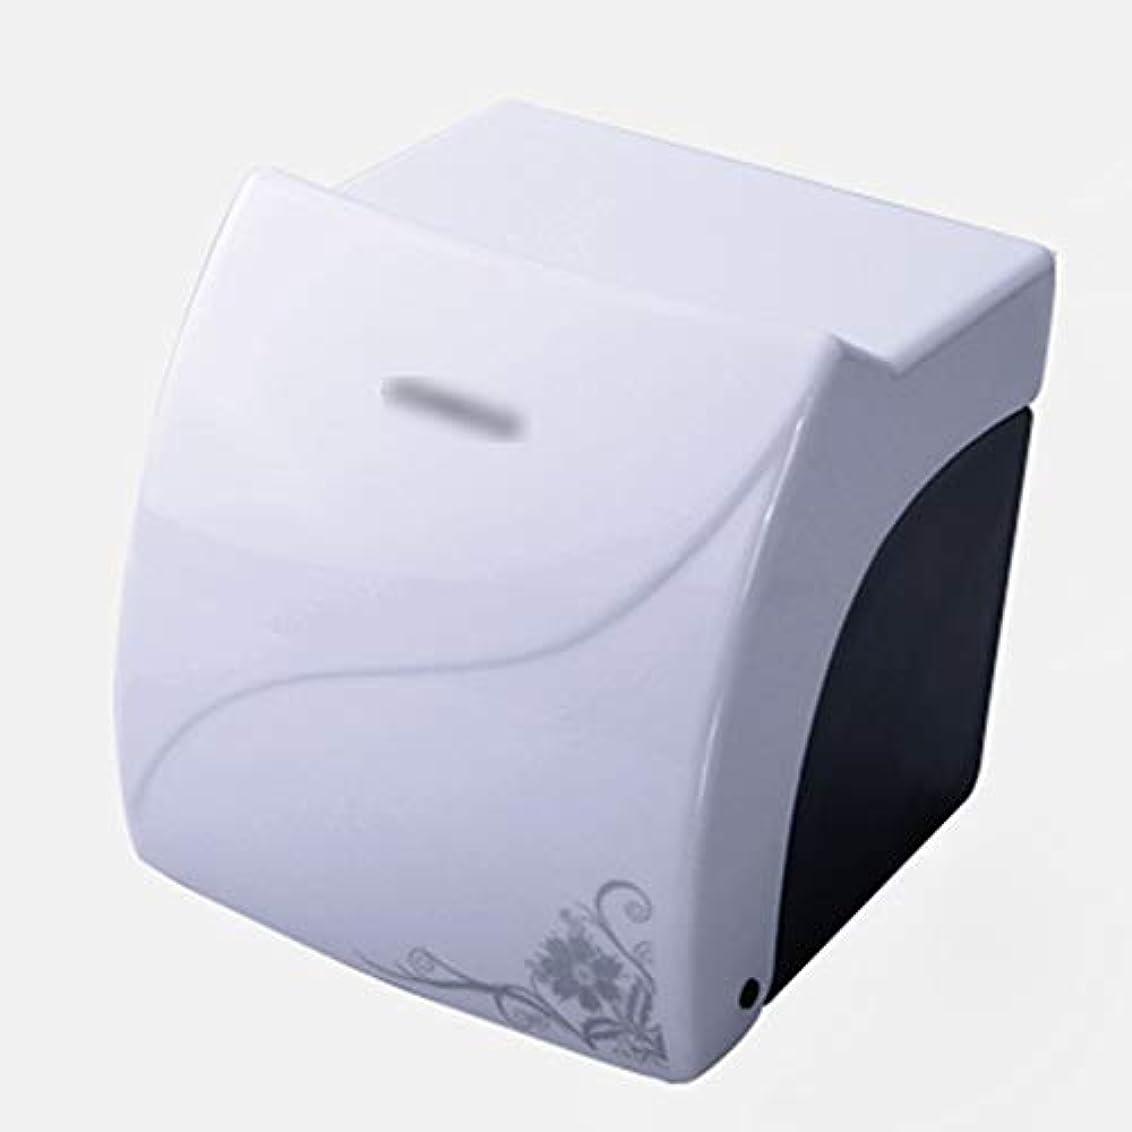 雇用者アジアチャームZZLX 紙タオルホルダー、高品質ABS防水ティッシュボックストイレットペーパーボックスペーパーホルダー ロングハンドル風呂ブラシ